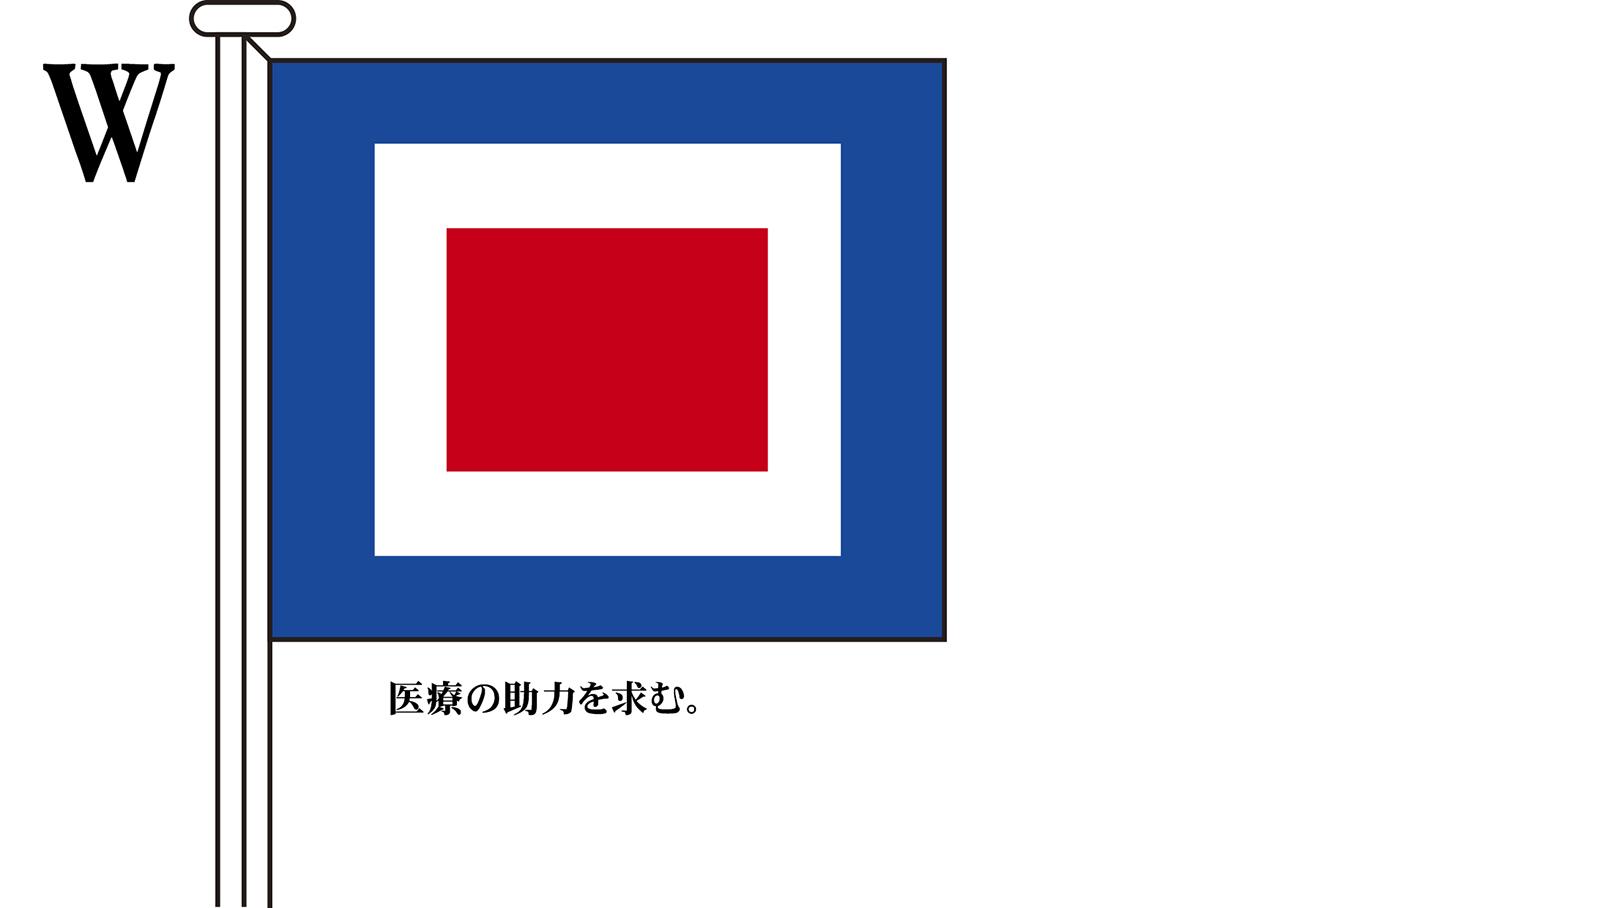 国際信号旗 文字旗 Alphabetical Flags【W】[3巾 中型:131×162cm・アクリル]